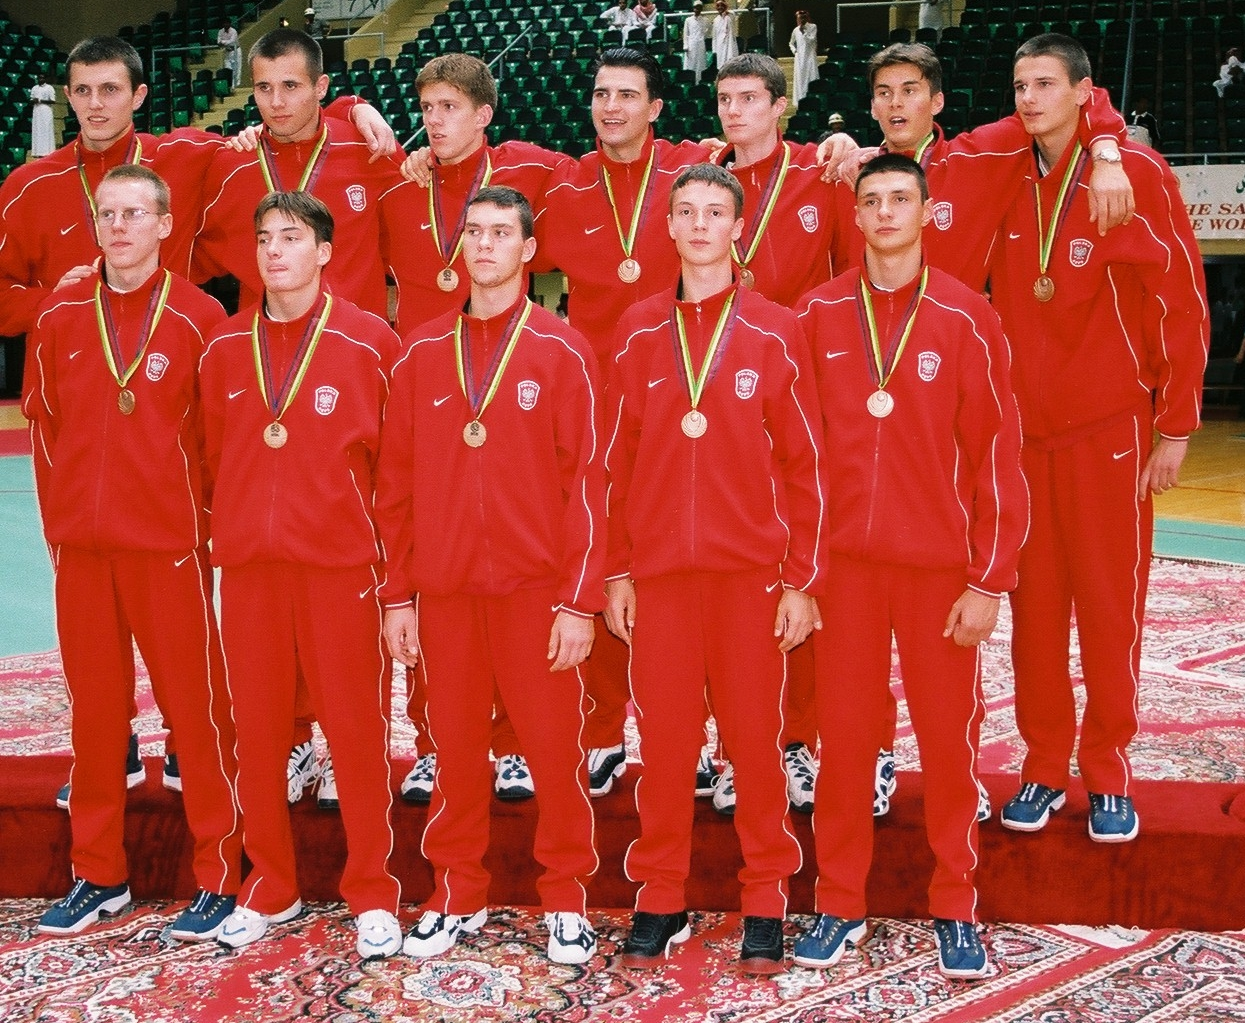 Rok 1999, Rijad. Polacy z medalami na podium Mistrzostw Świata (fot. archiwum prywatne)